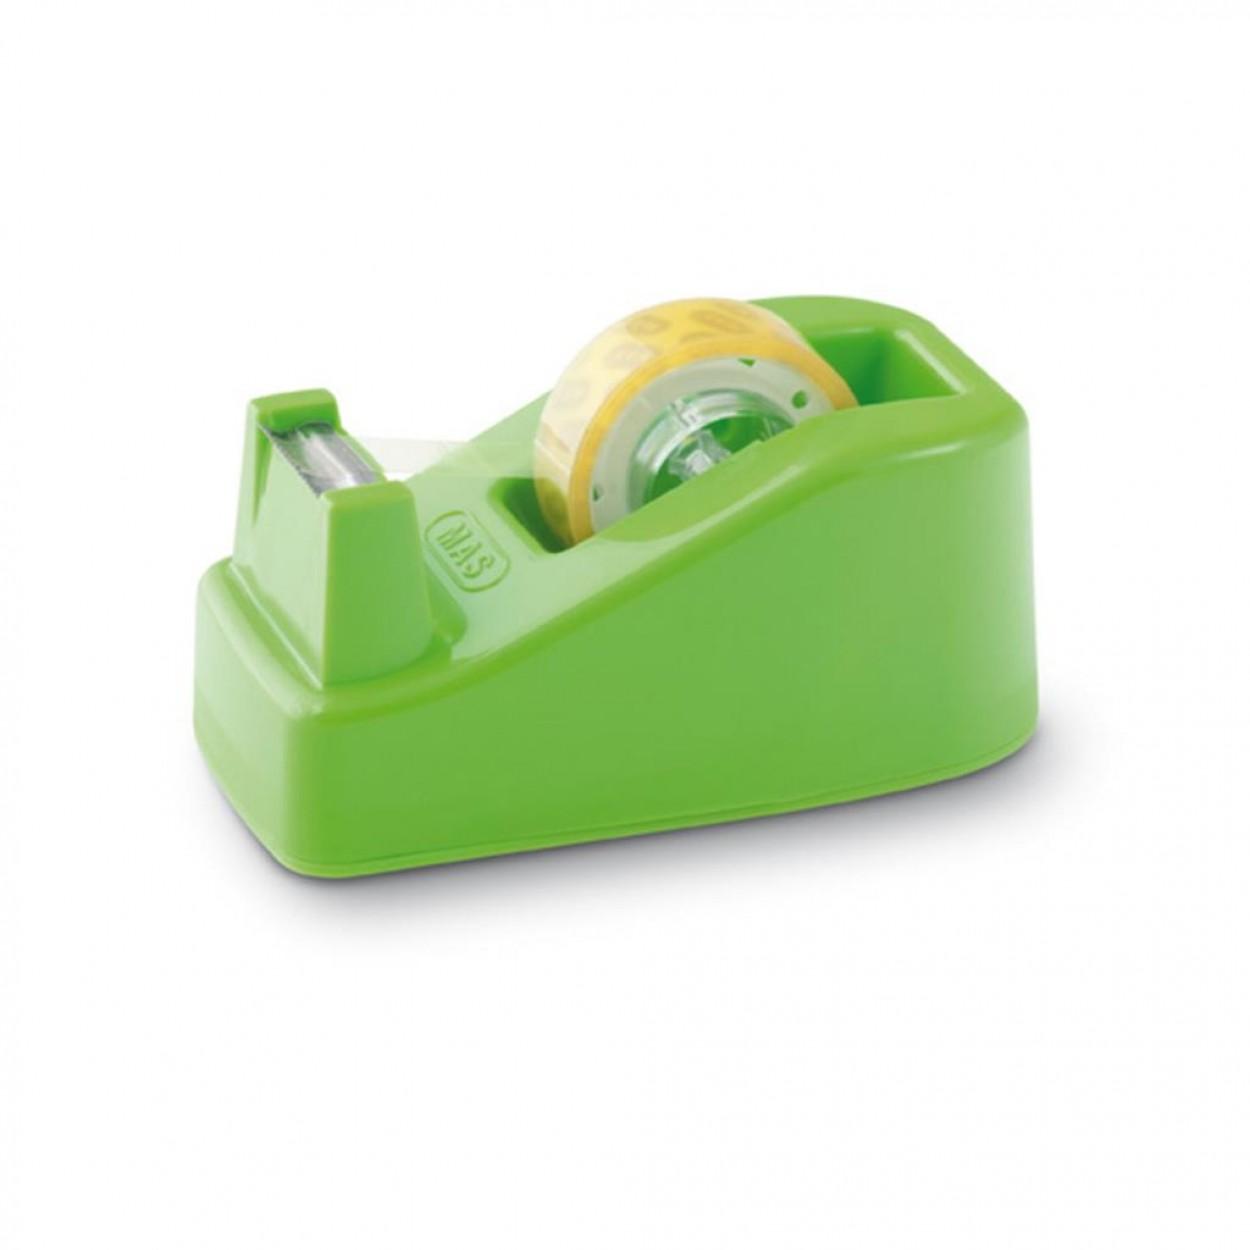 Mas 640 Fiesta Bant Kesici 12x20 Yeşil